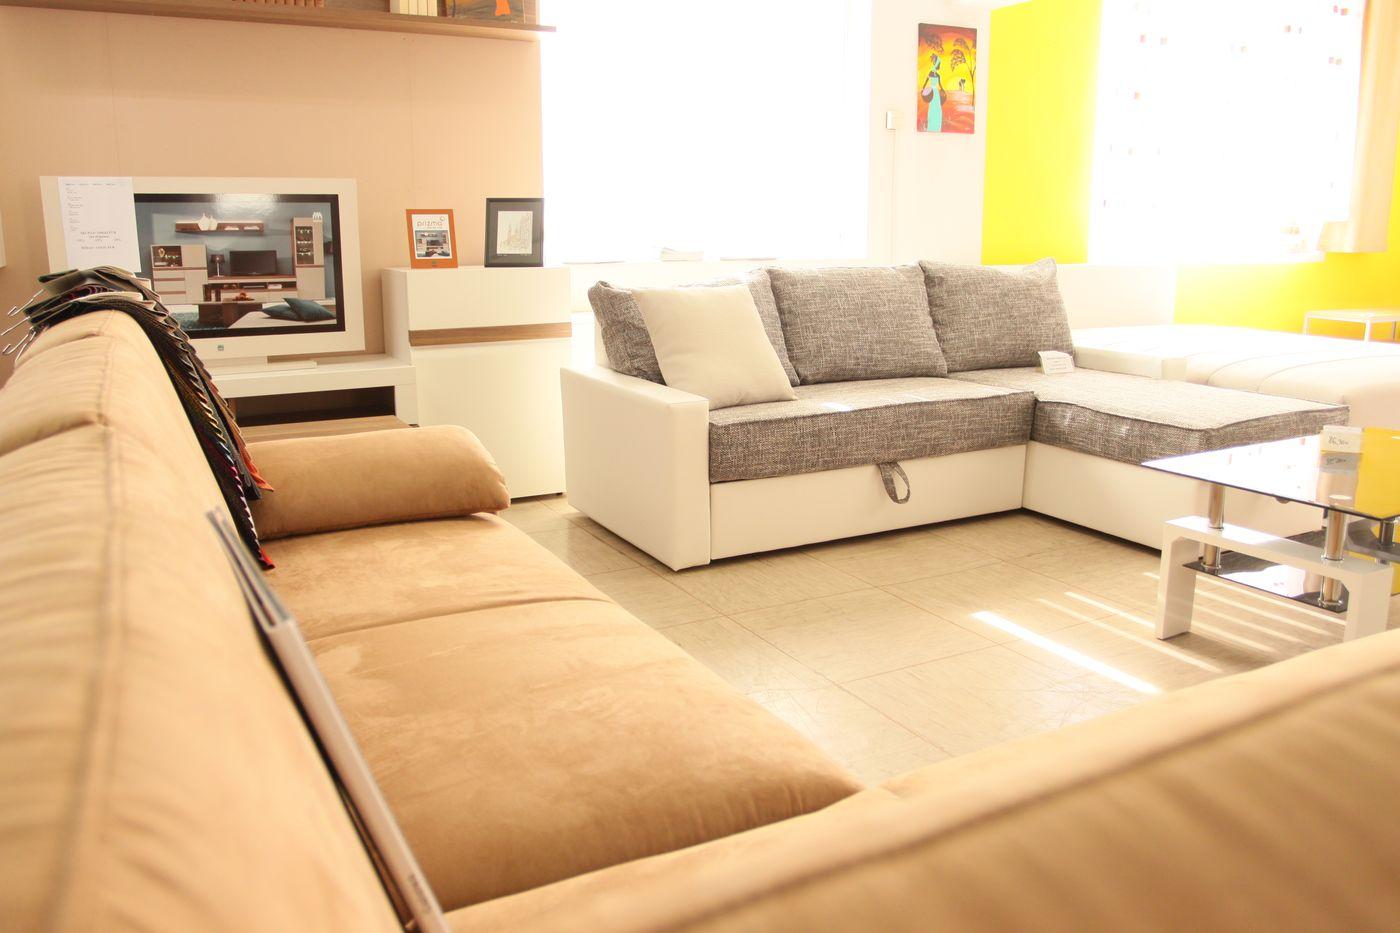 galerija-mobilije-15